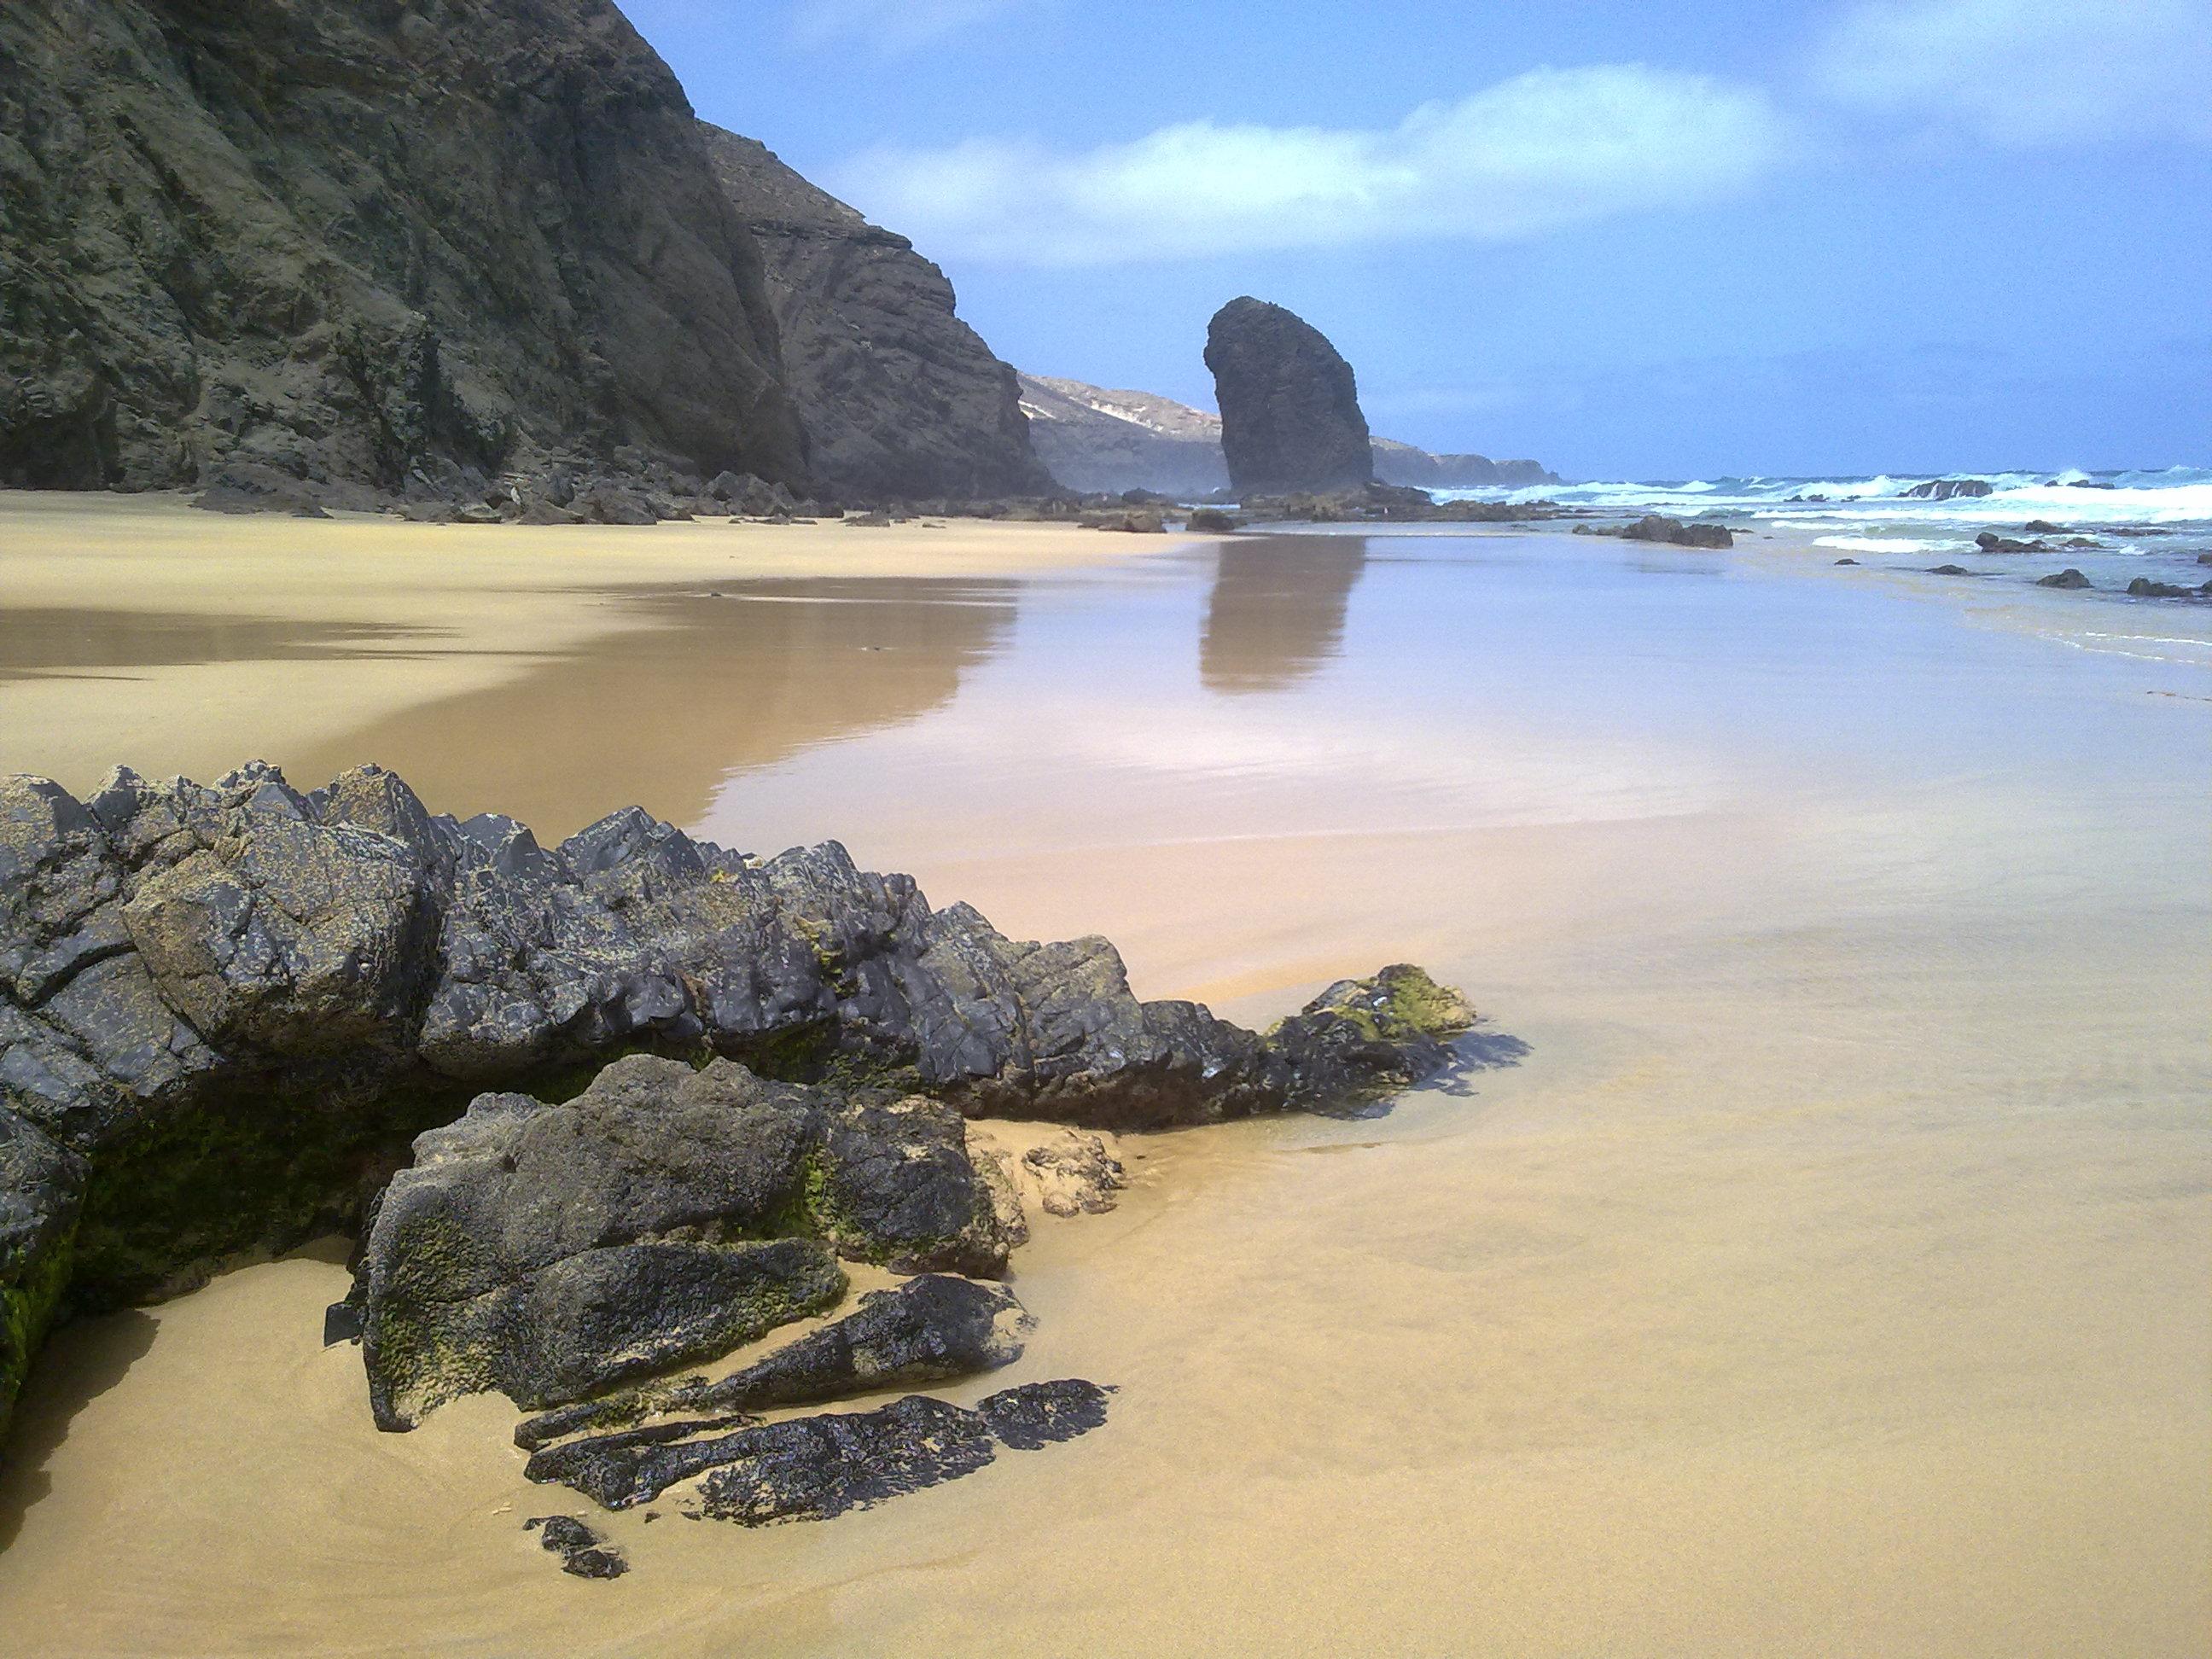 Playa De Roque De El Moro